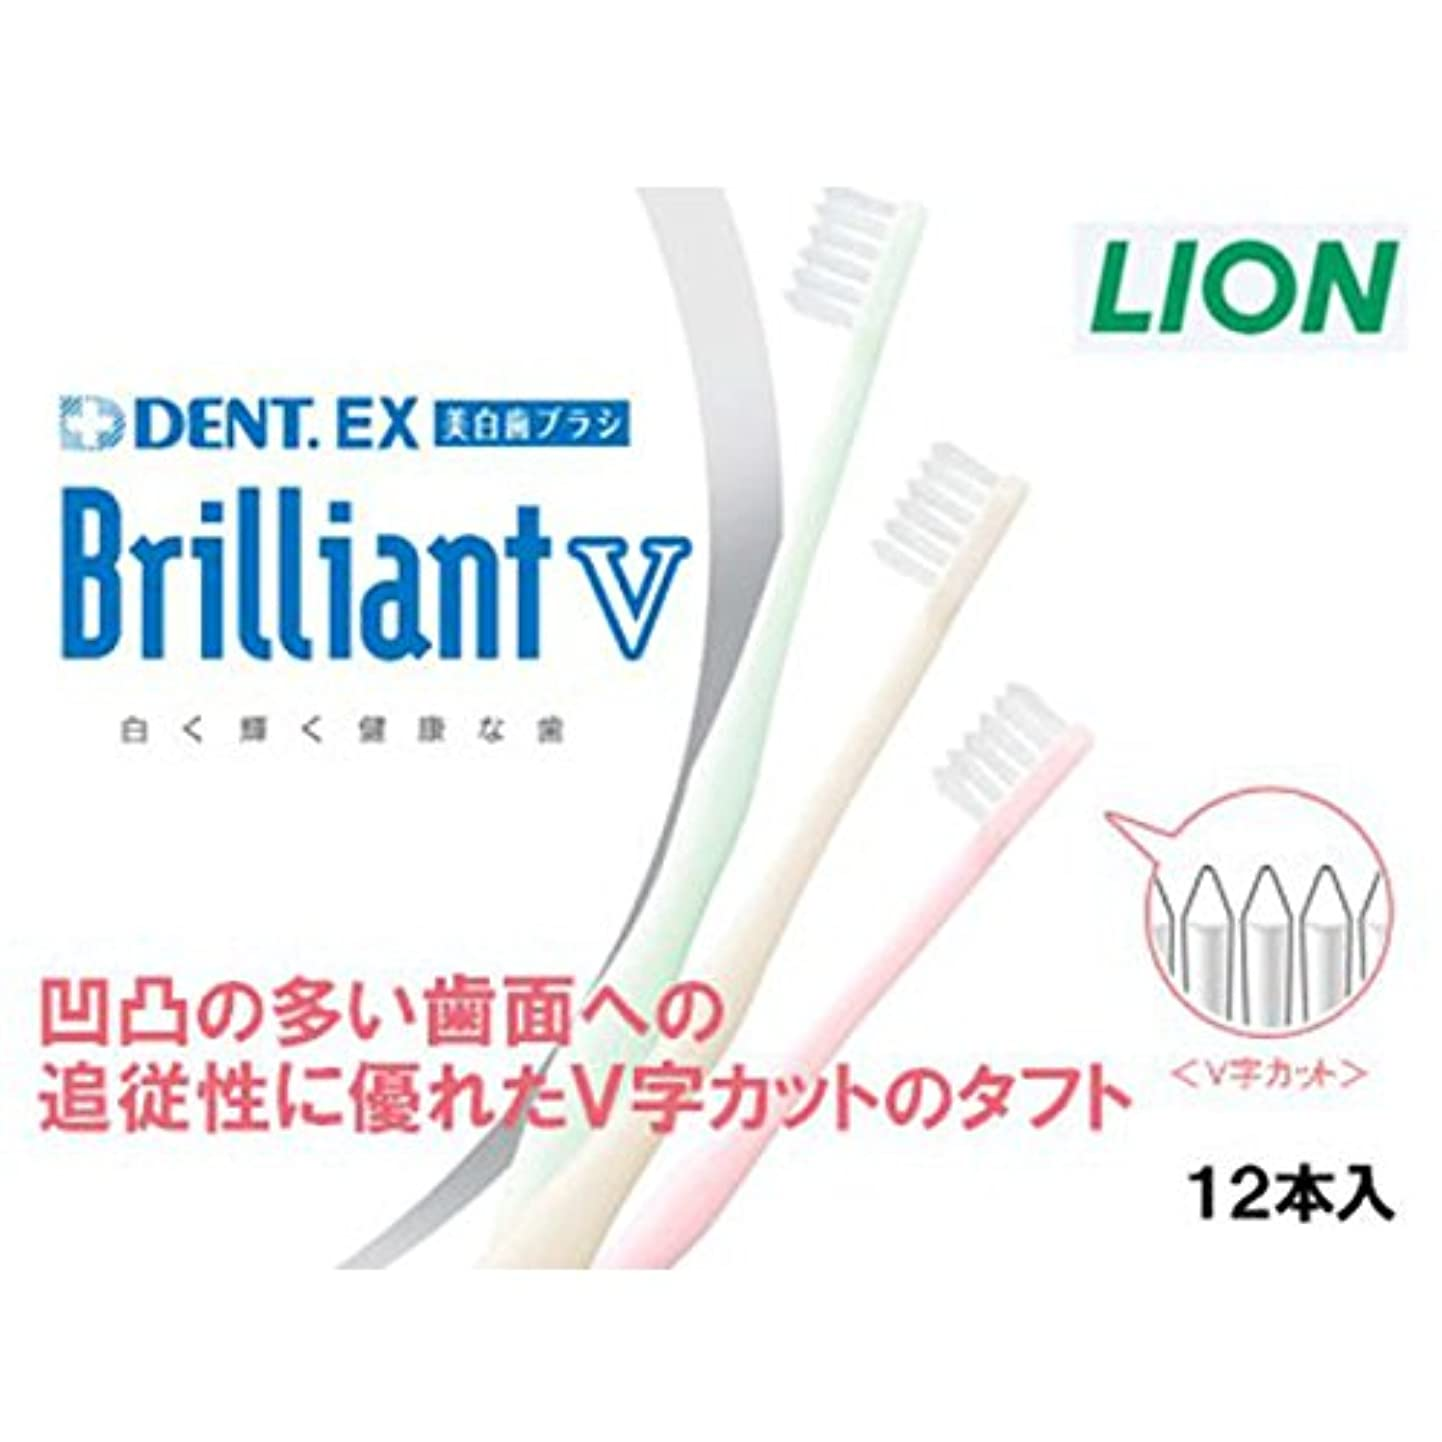 泥沼適合しました該当するライオン ブリリアントV 歯ブラシ DENT.EX BrilliantV 12本